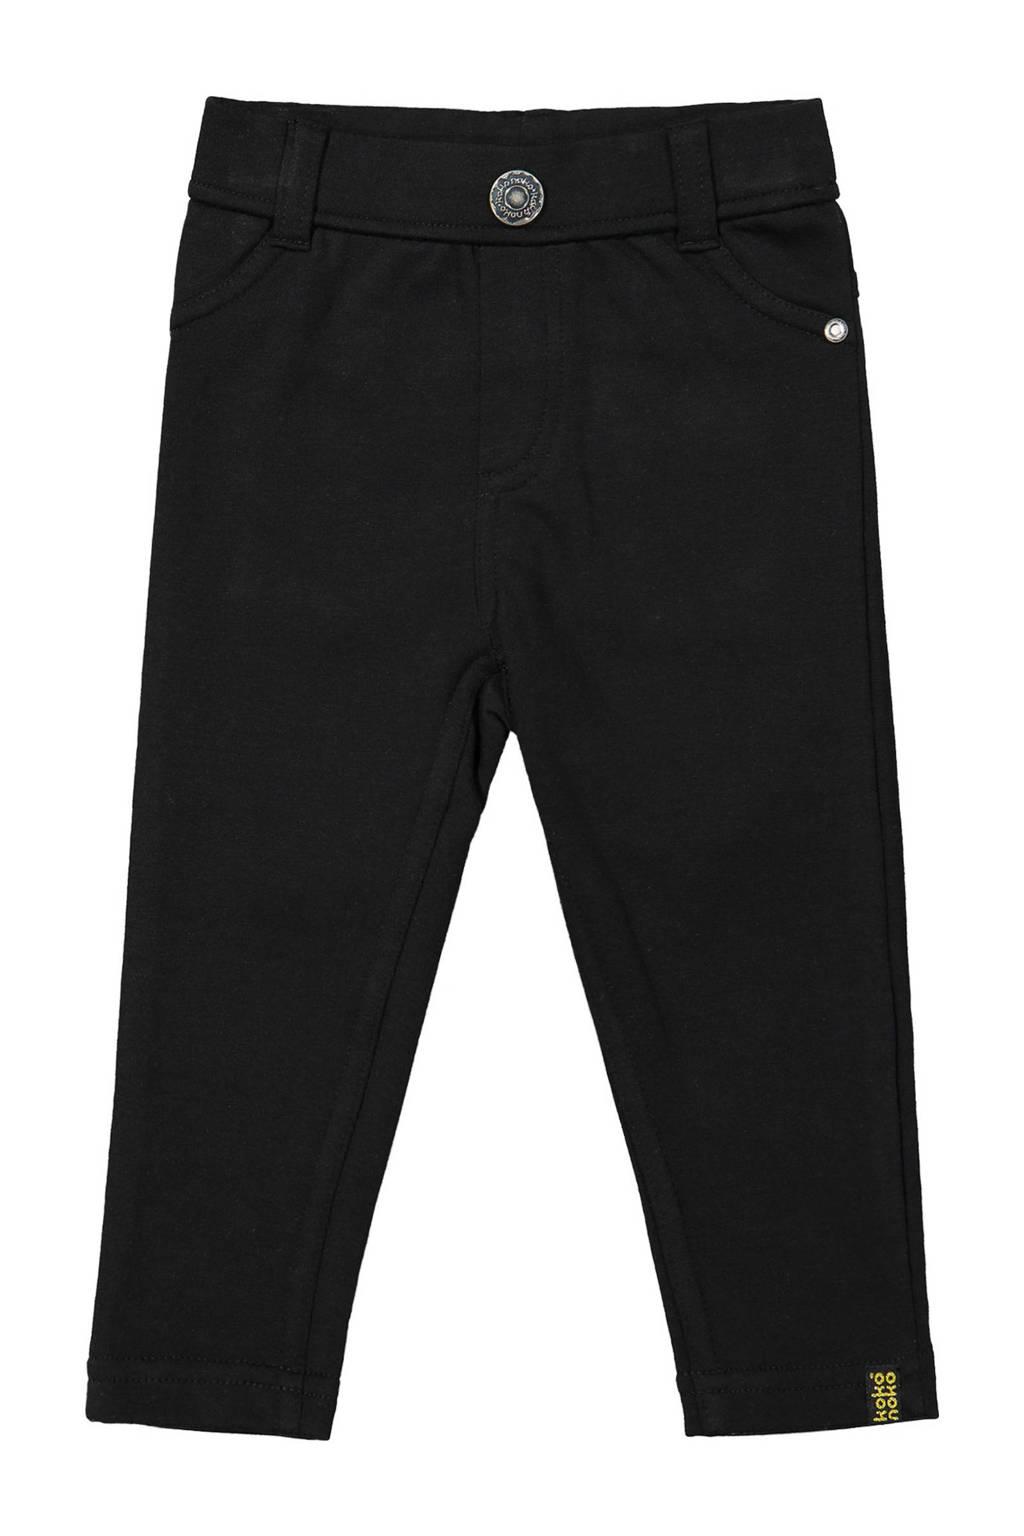 Koko Noko broek zwart, Zwart